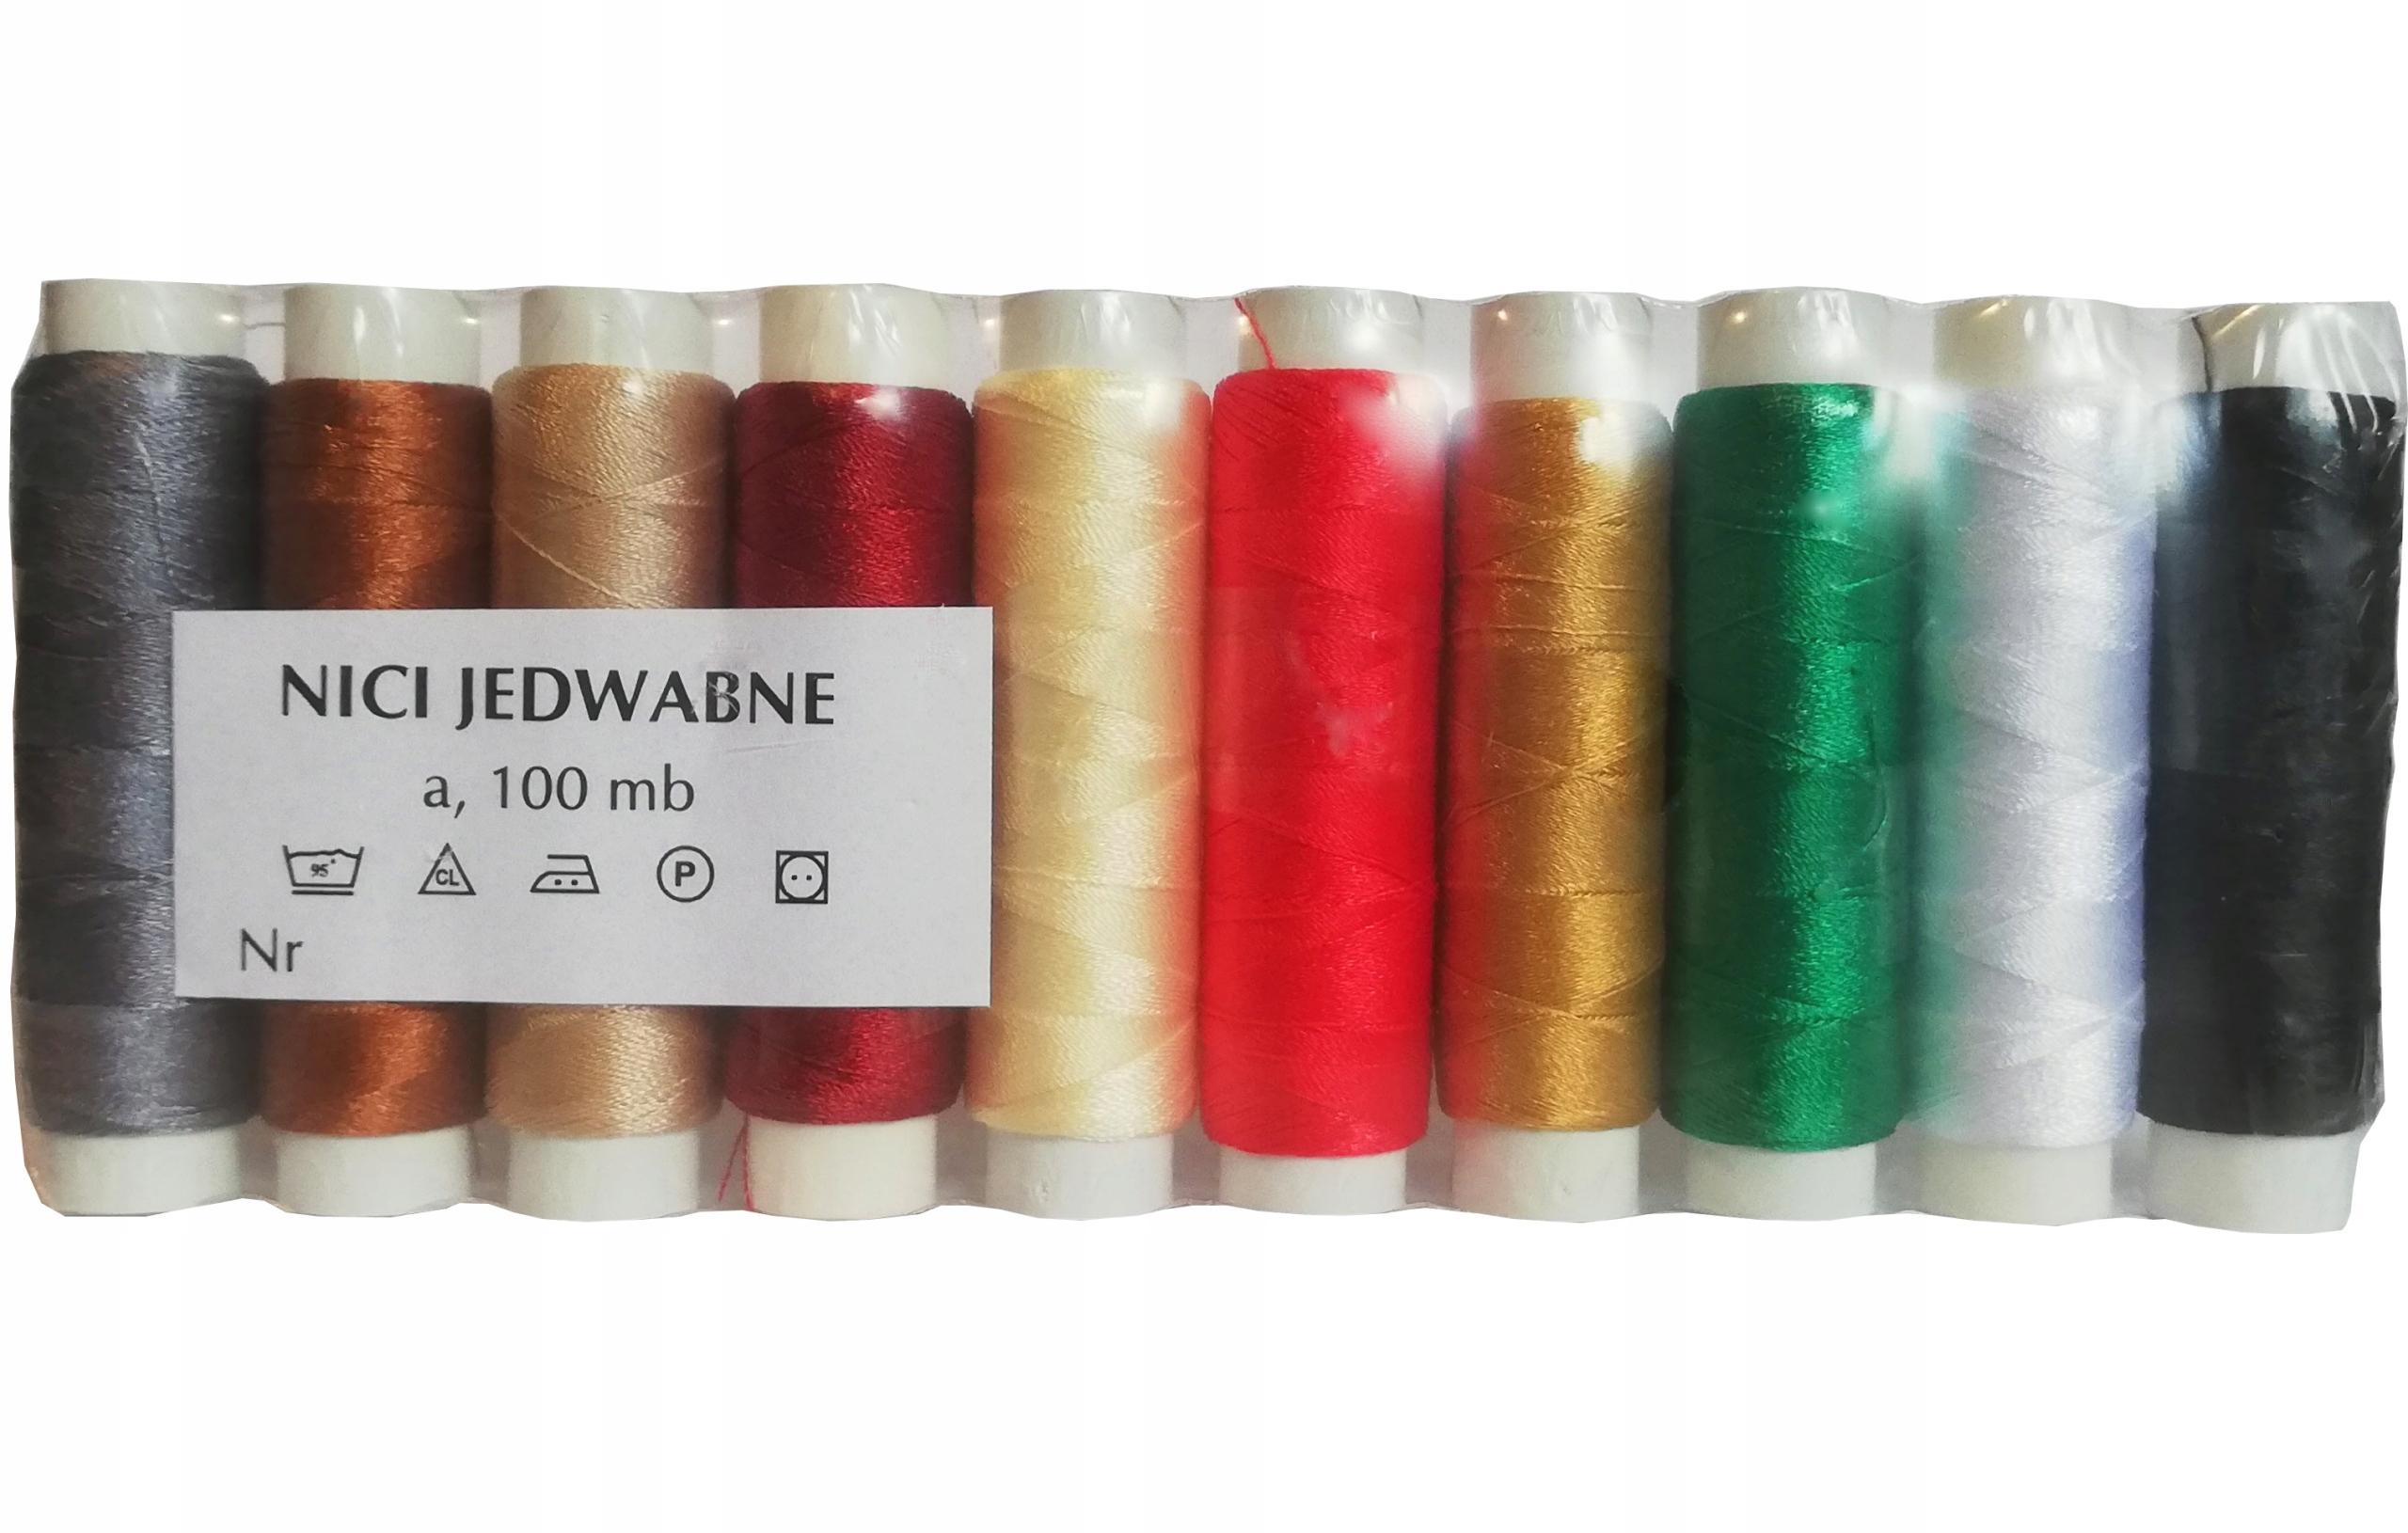 NICI do Szycia JEDWABIU Jedwabne Zestaw 10 Kolorów